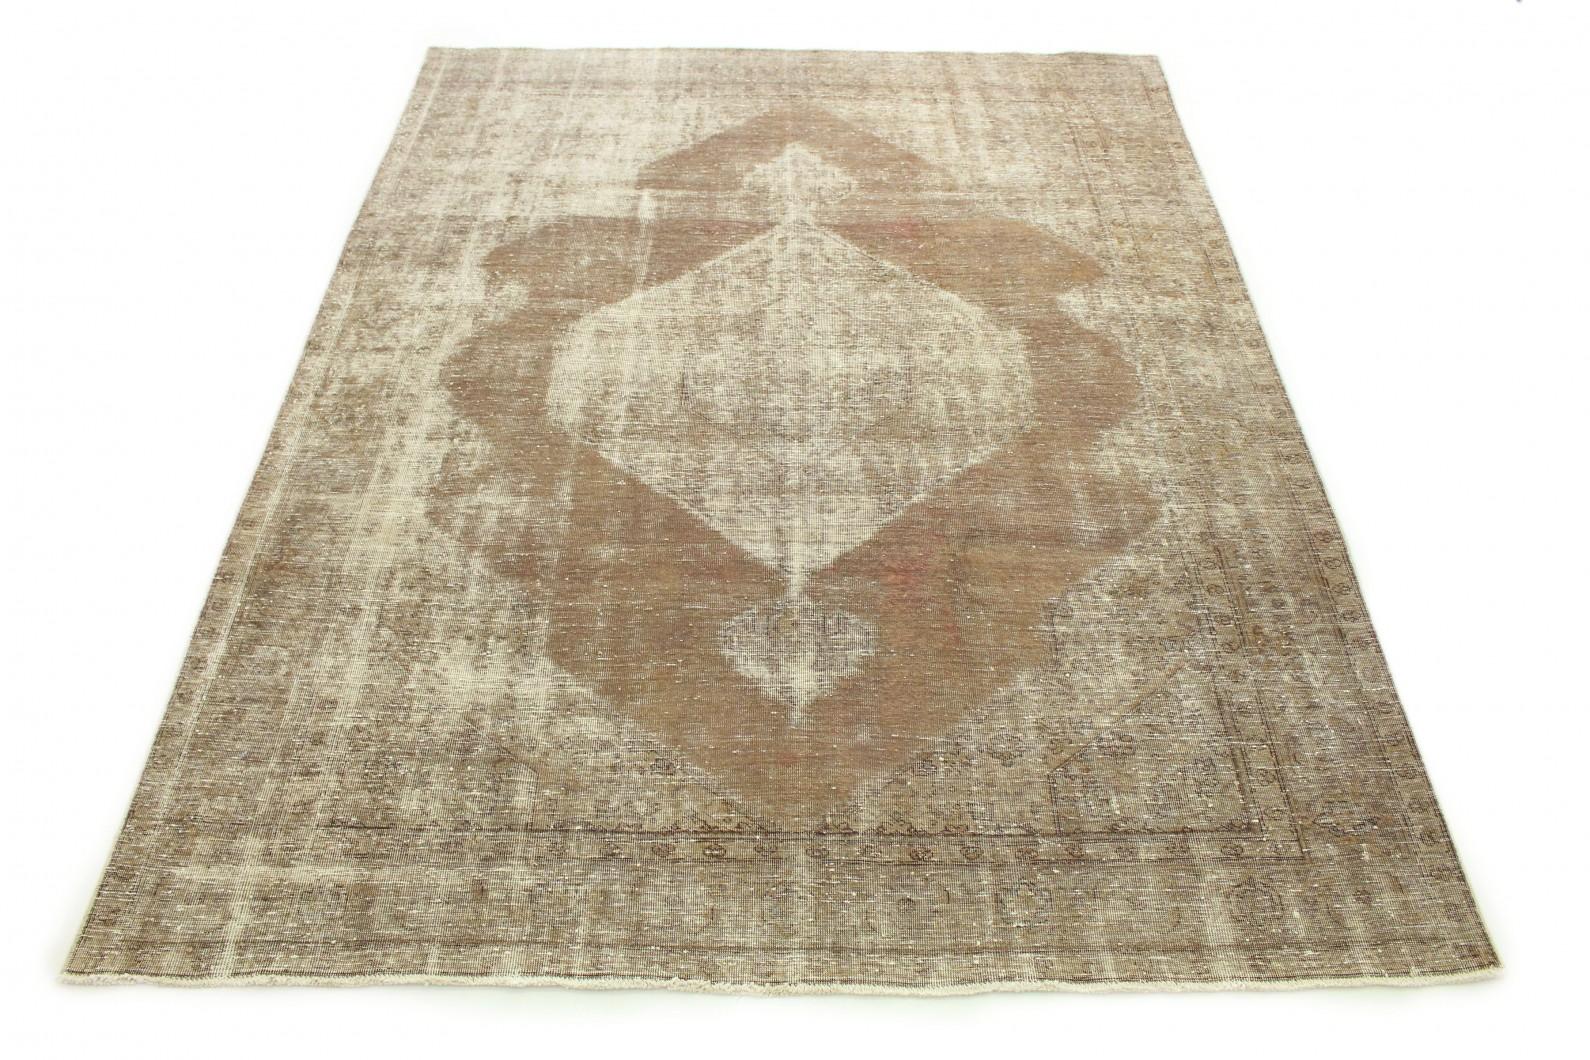 Carpetido Design Vintage-Teppich Sand Braun Grau in 320x250 (1 / 6)